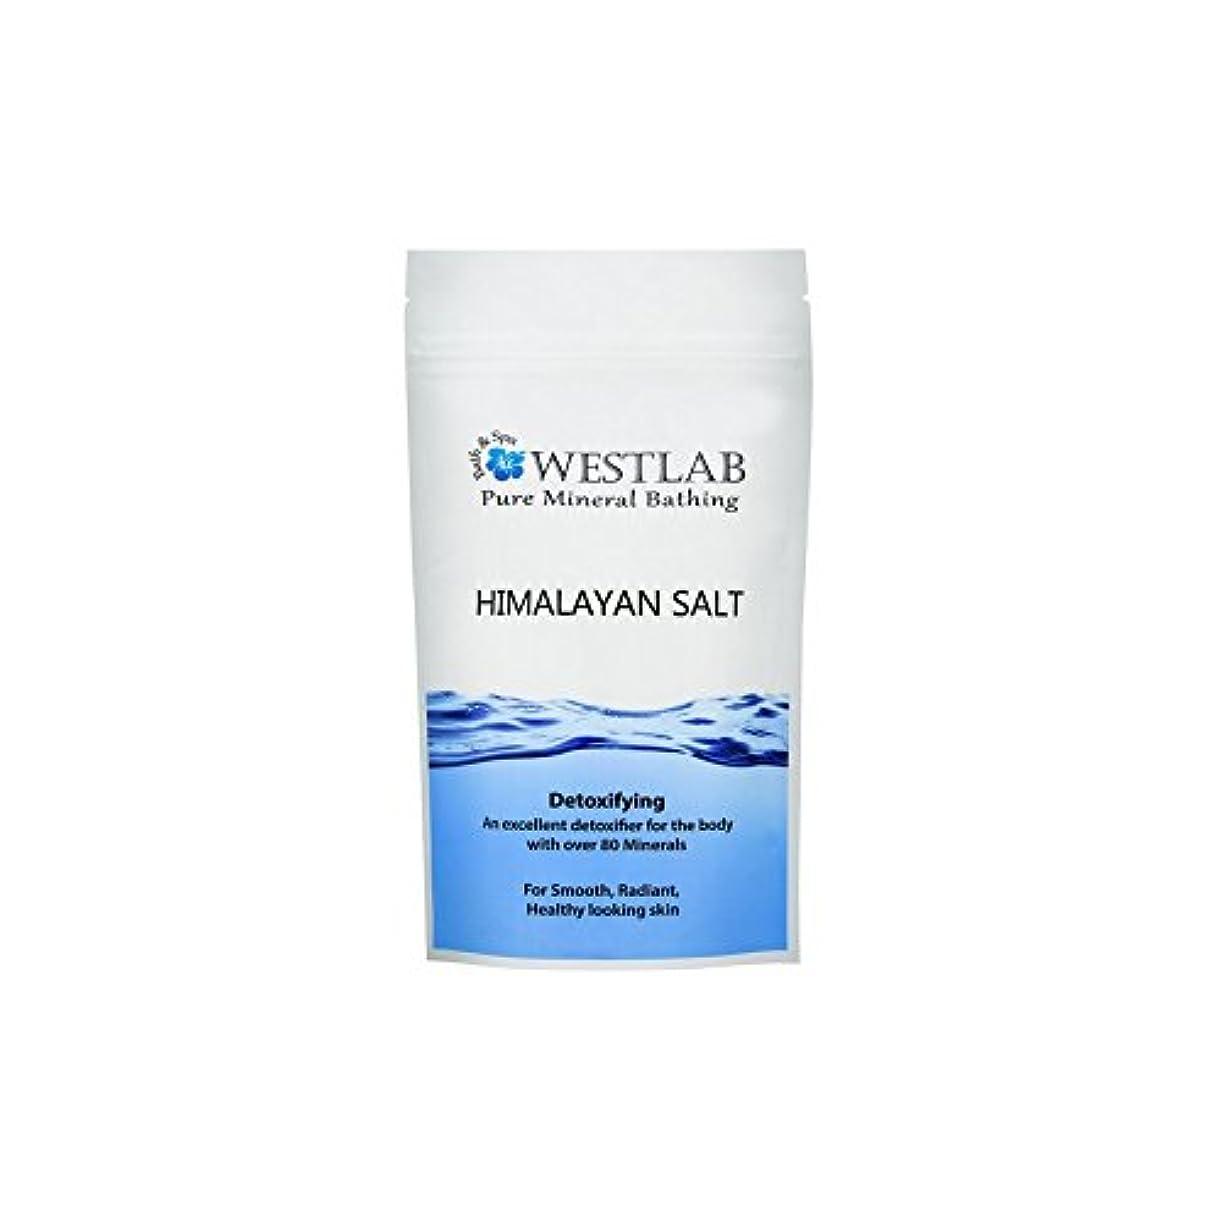 家庭コピーできればヒマラヤ塩の1キロ x2 - Westlab Himalayan Salt 1kg (Pack of 2) [並行輸入品]